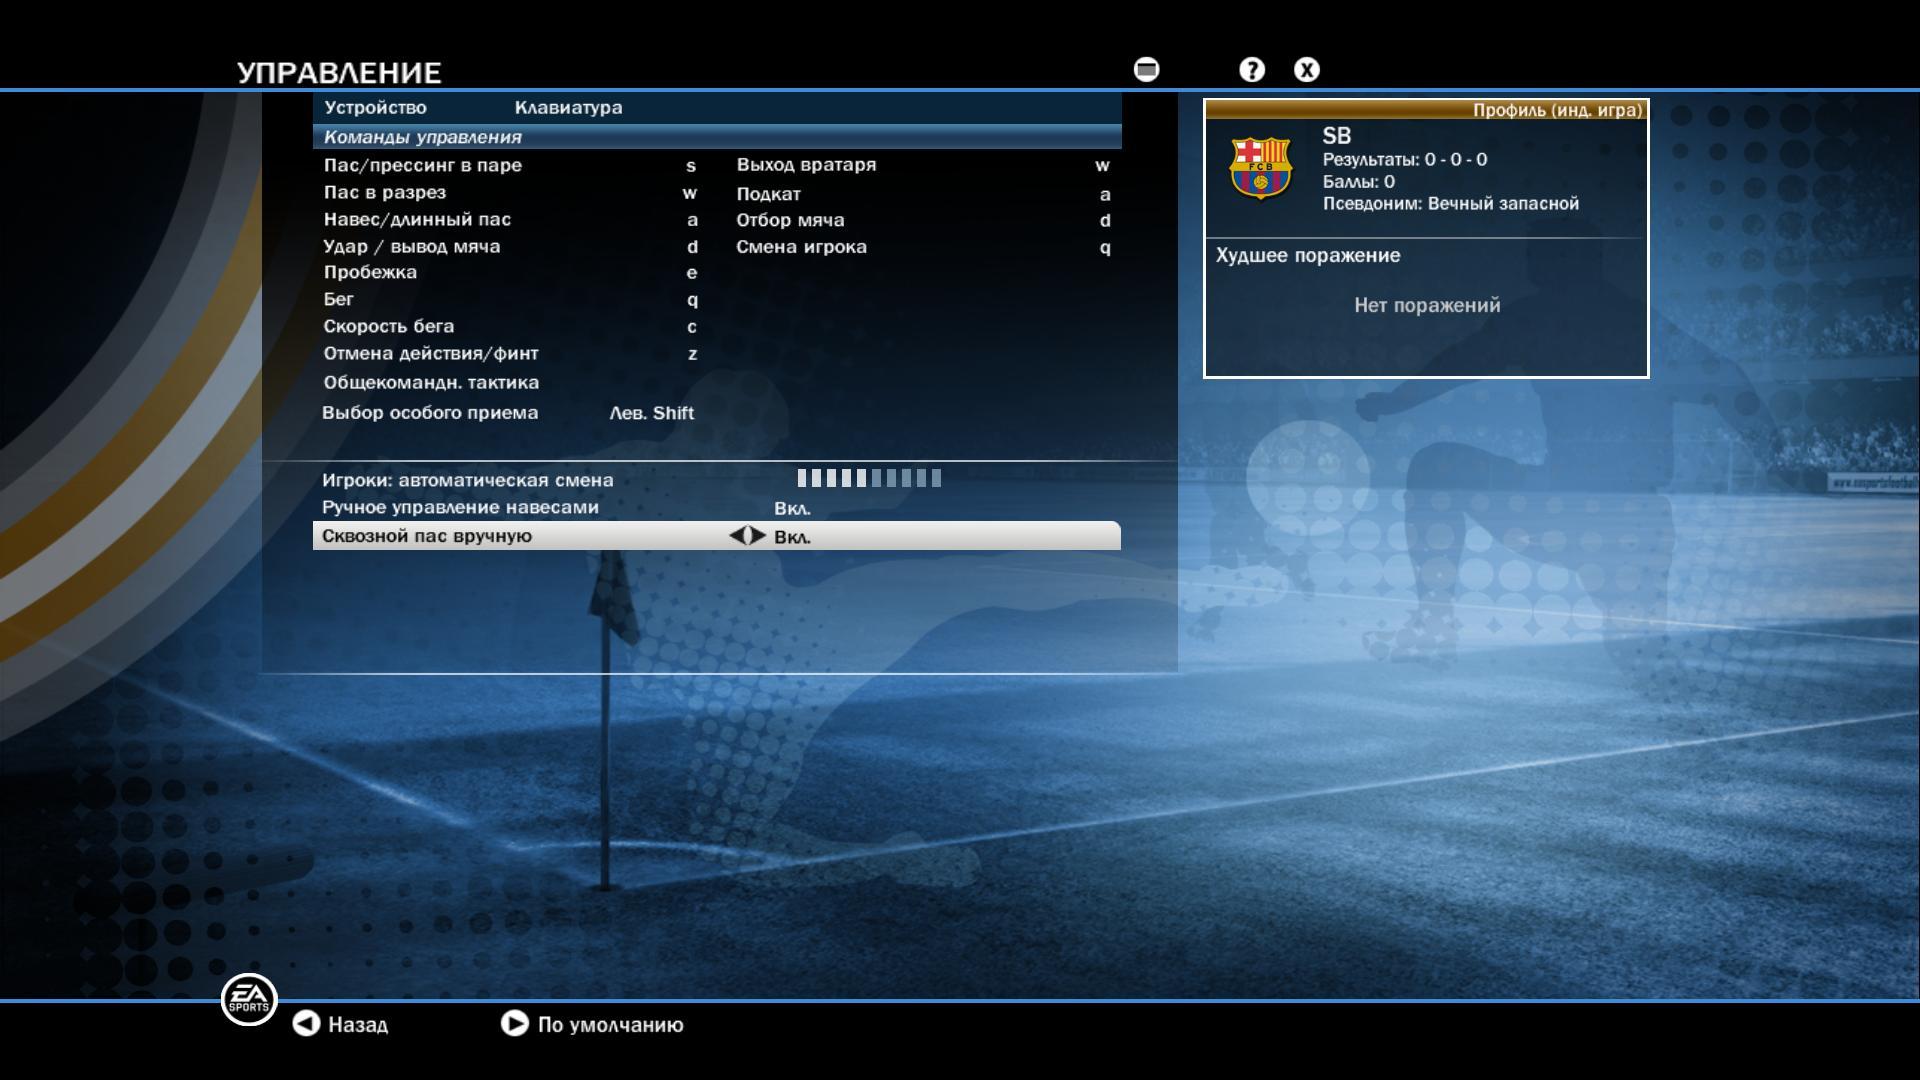 Данный патч изменяет управление в демо-версии FIFA 10 на более привычное, к